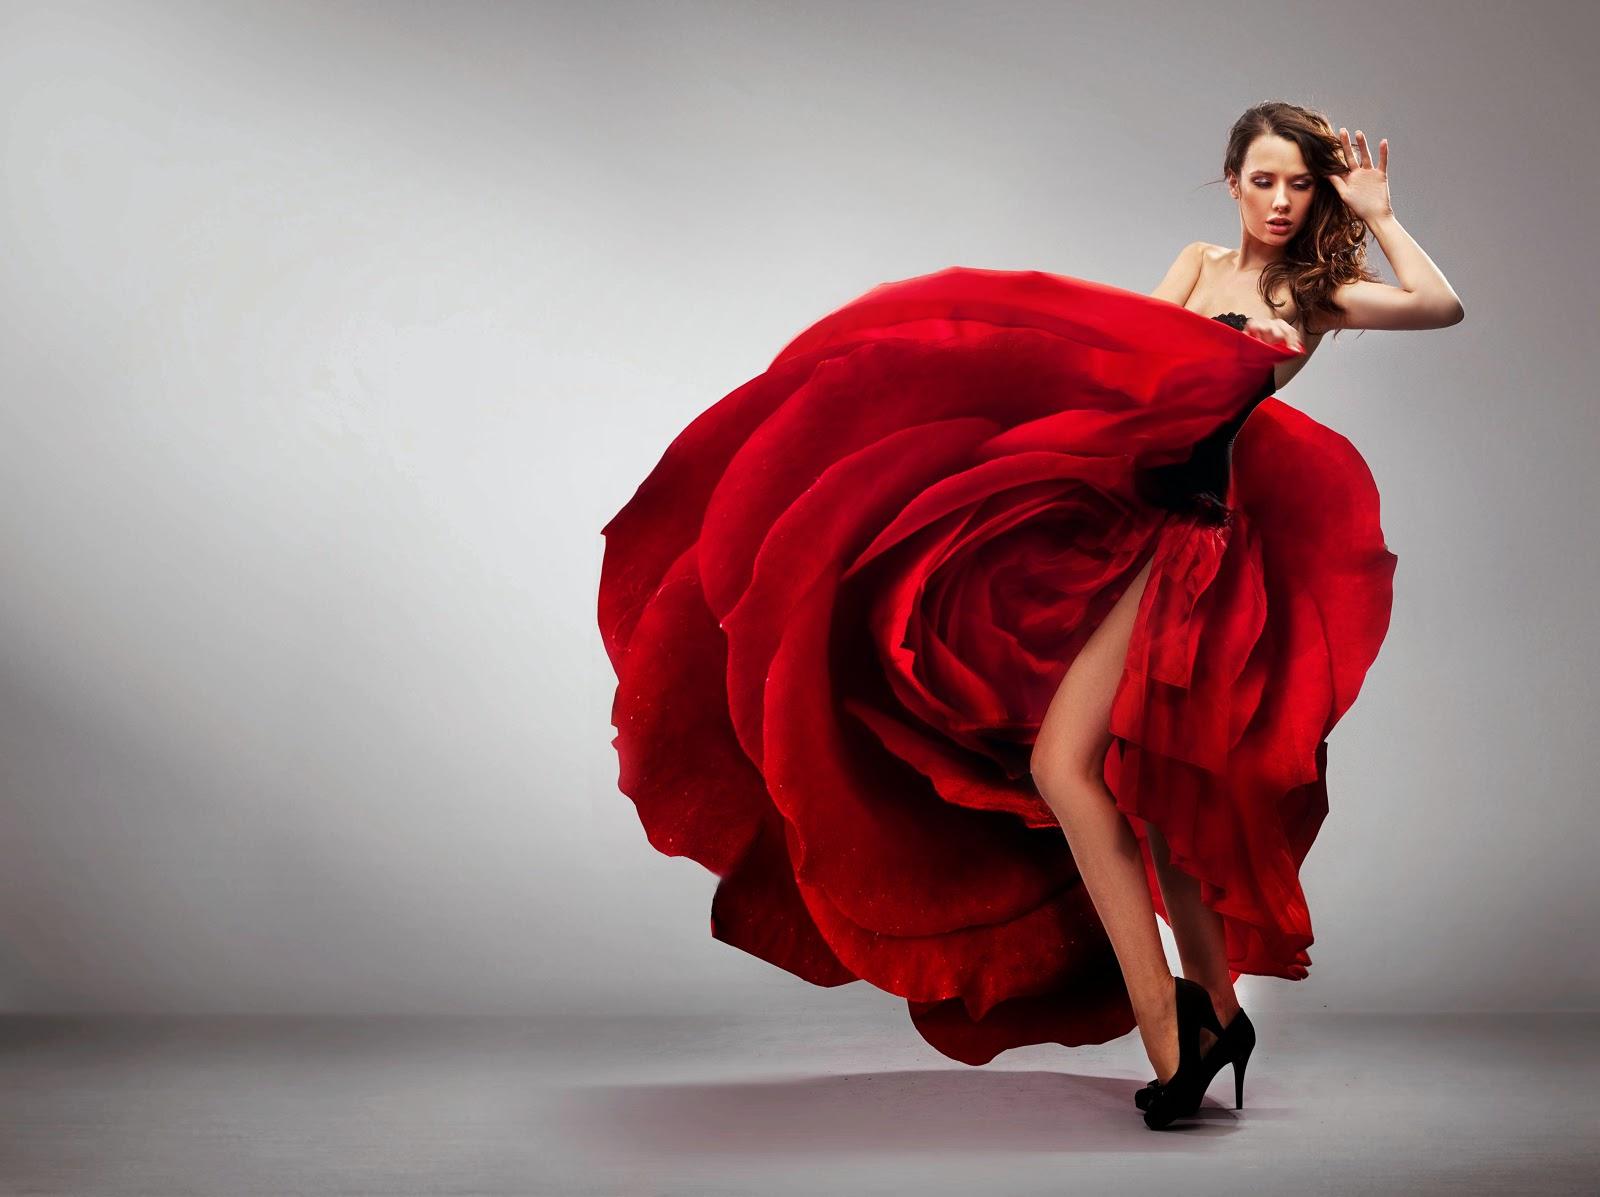 мое фото высокого разрешения девушек в платьях студия мяснике привлекали